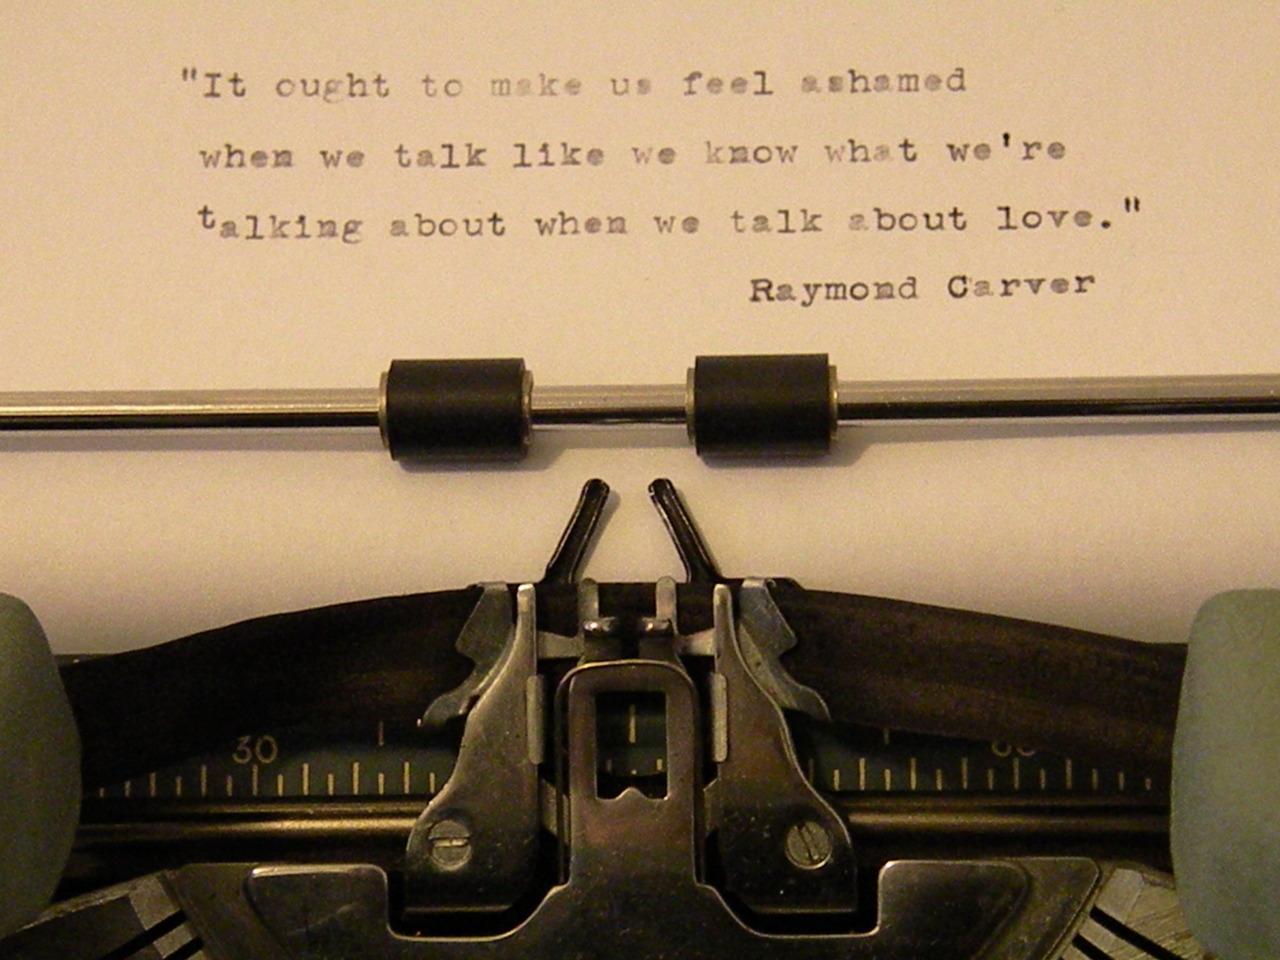 Raymond Carver's quote #2